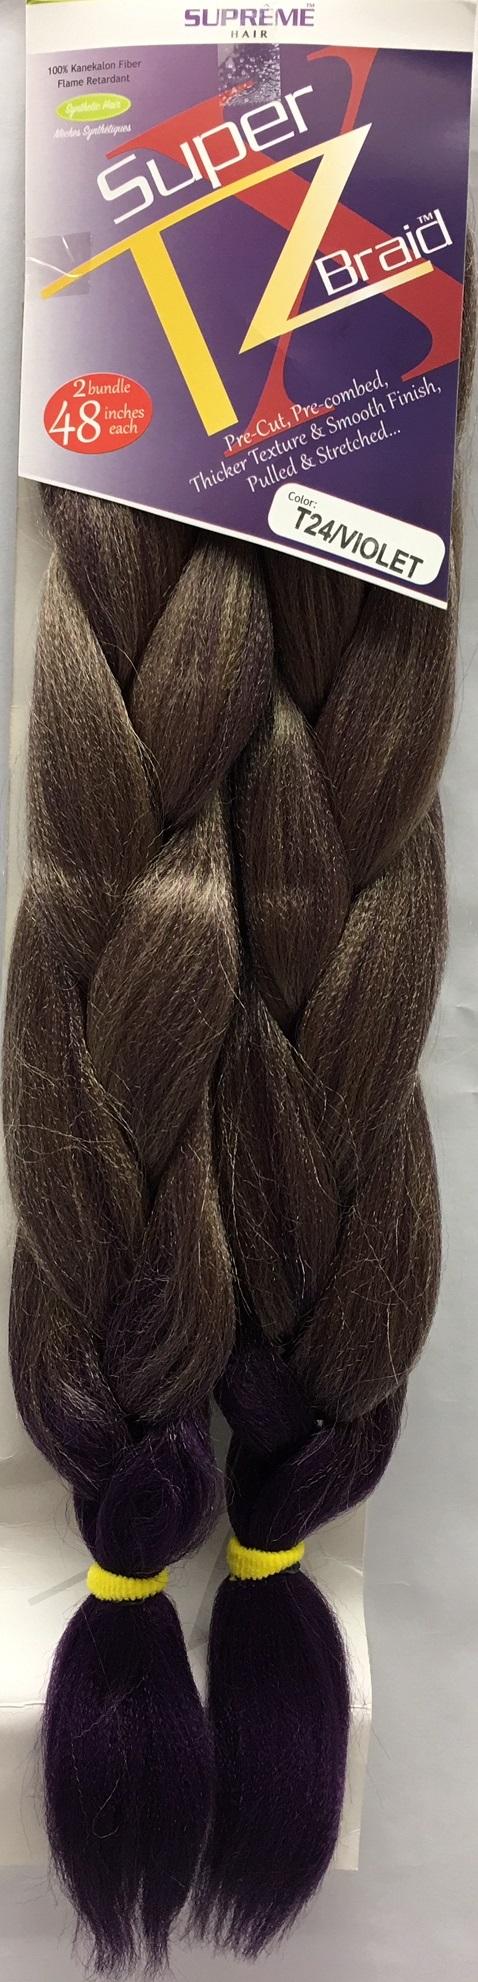 SUPRÊME HAIR - PAQ. DE 2 SUPER X TZ BRAID (CHEVEUX TRESSÉS) 48'' INCHES, 100% KANEKALON MODACRYLIC FIBER, SYNTHETIC HAIR, COLOR T24/VIOLET